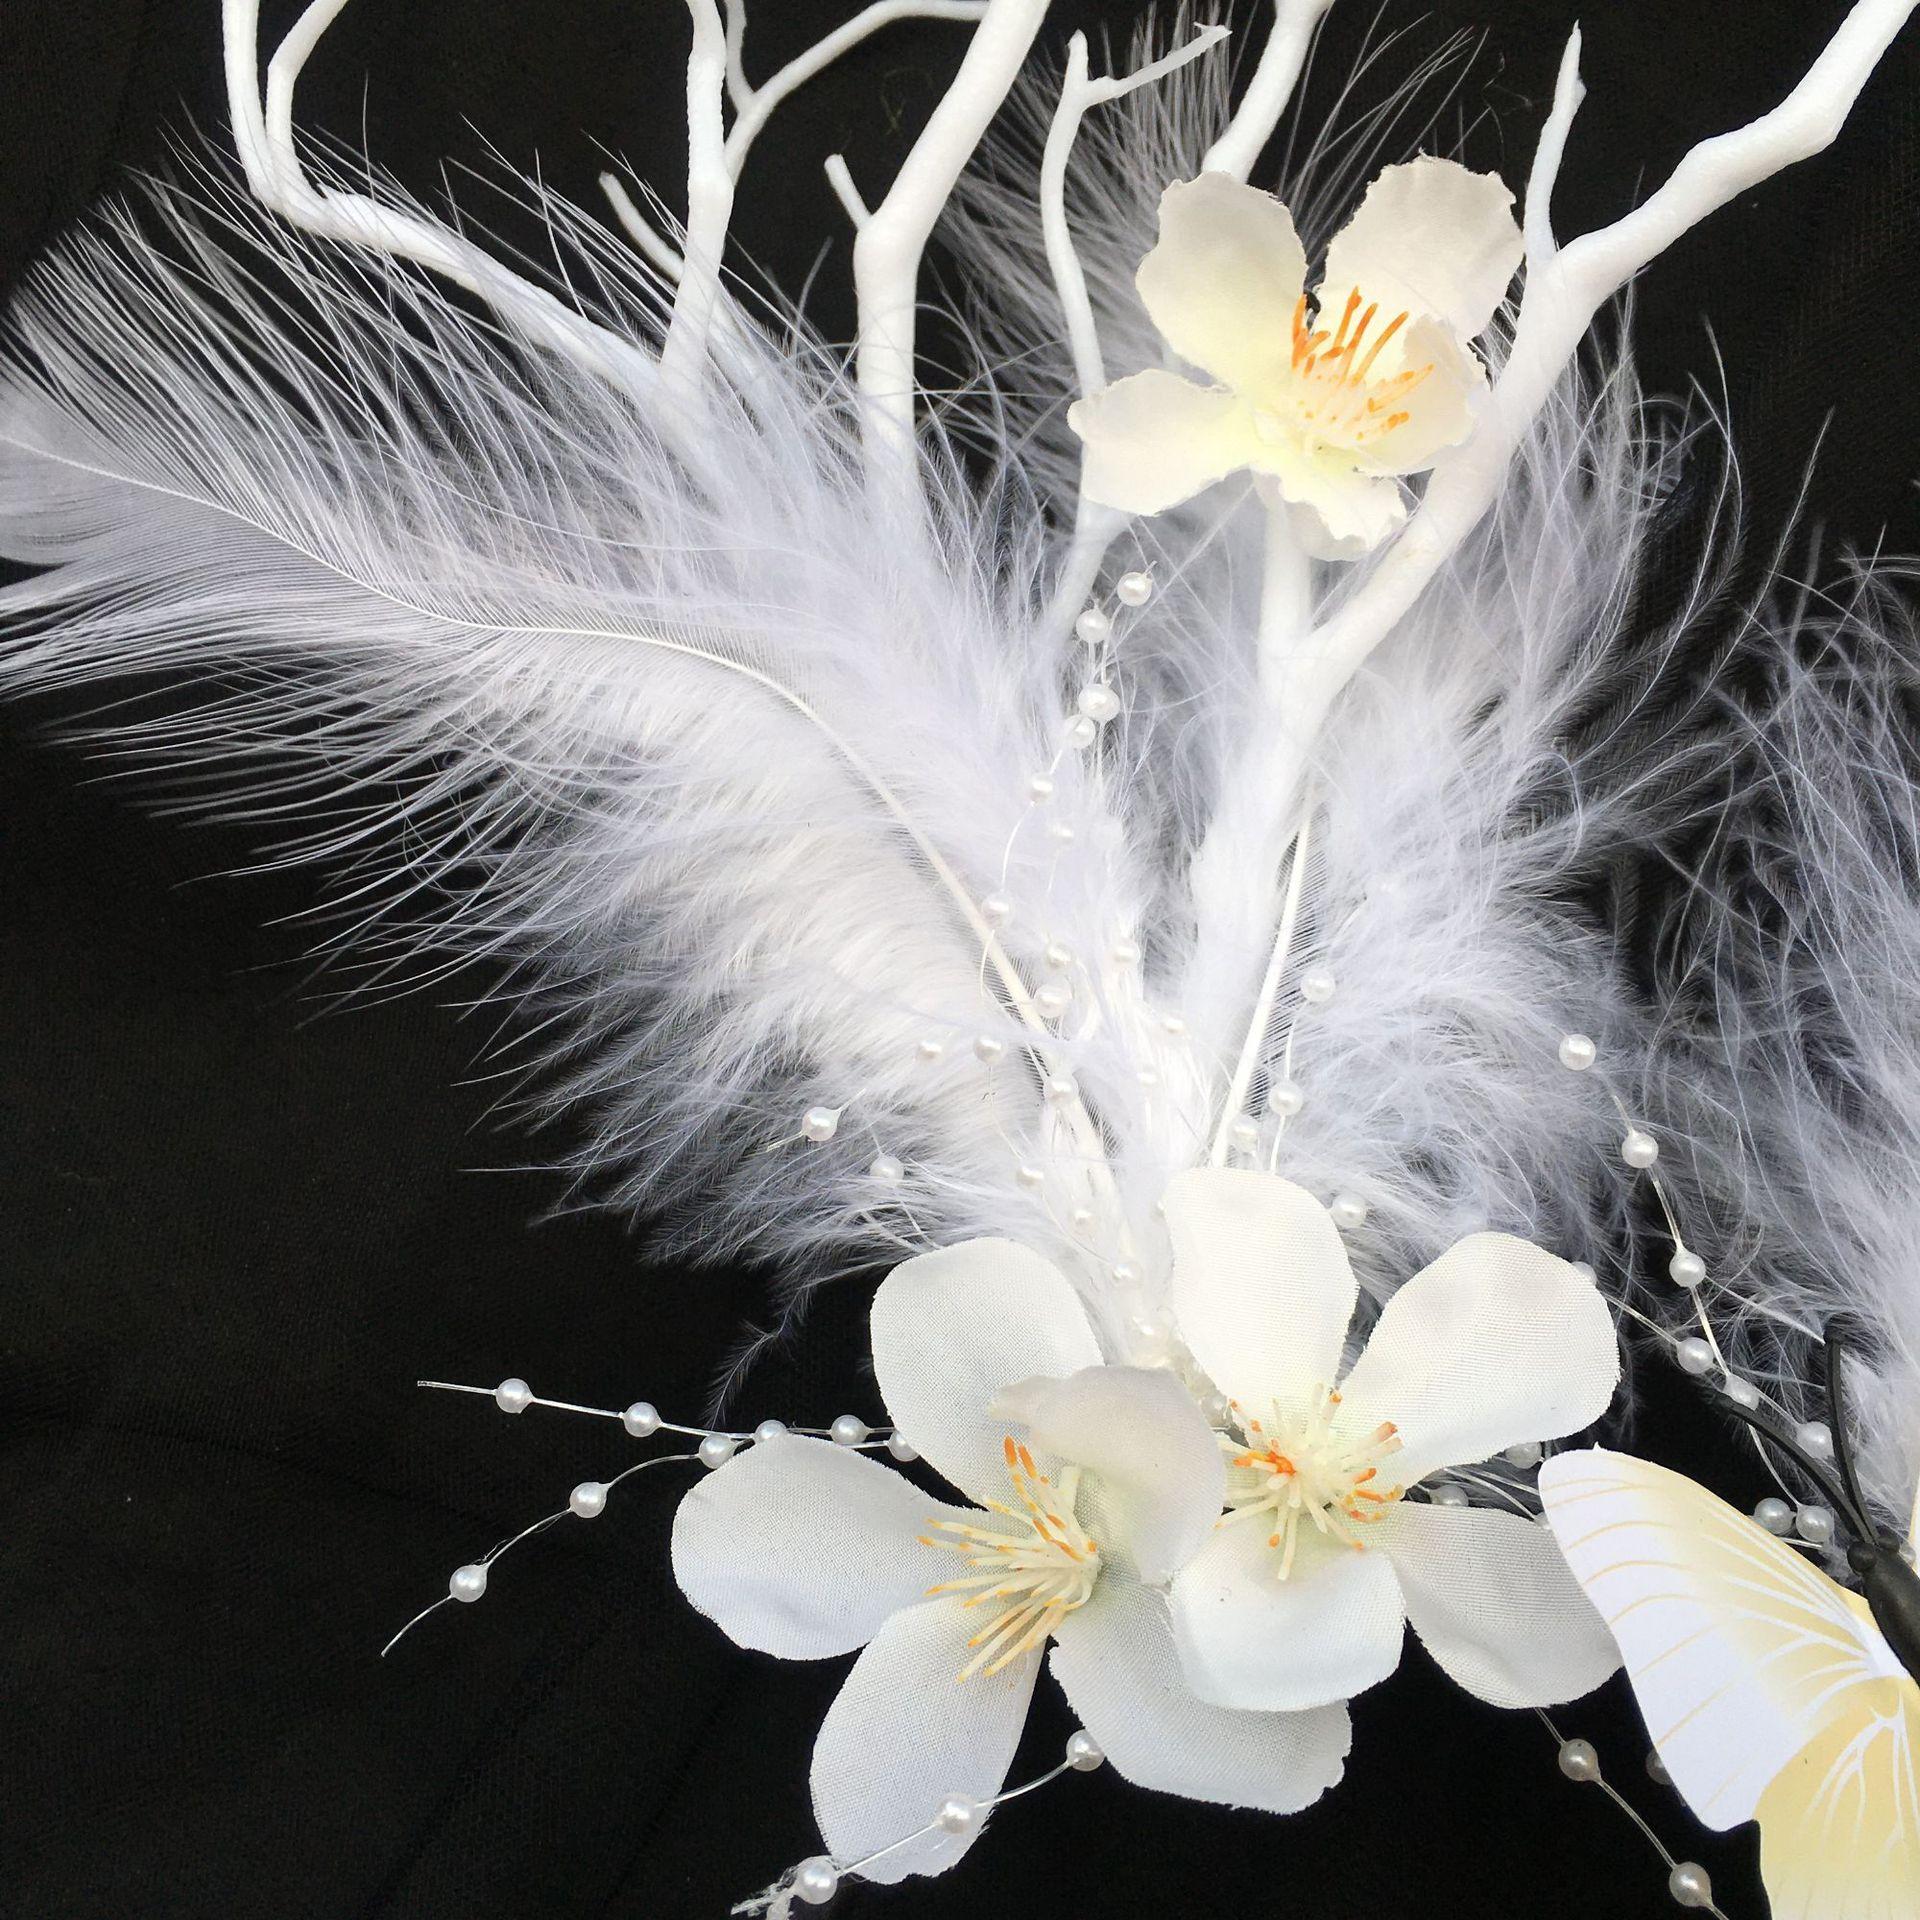 Museo Europeo Adornos Dialectos Cuelga Simulación Asas Ramas Booth Hebillas Hebillas Flores Mariposa Fairy Photography Cabeza